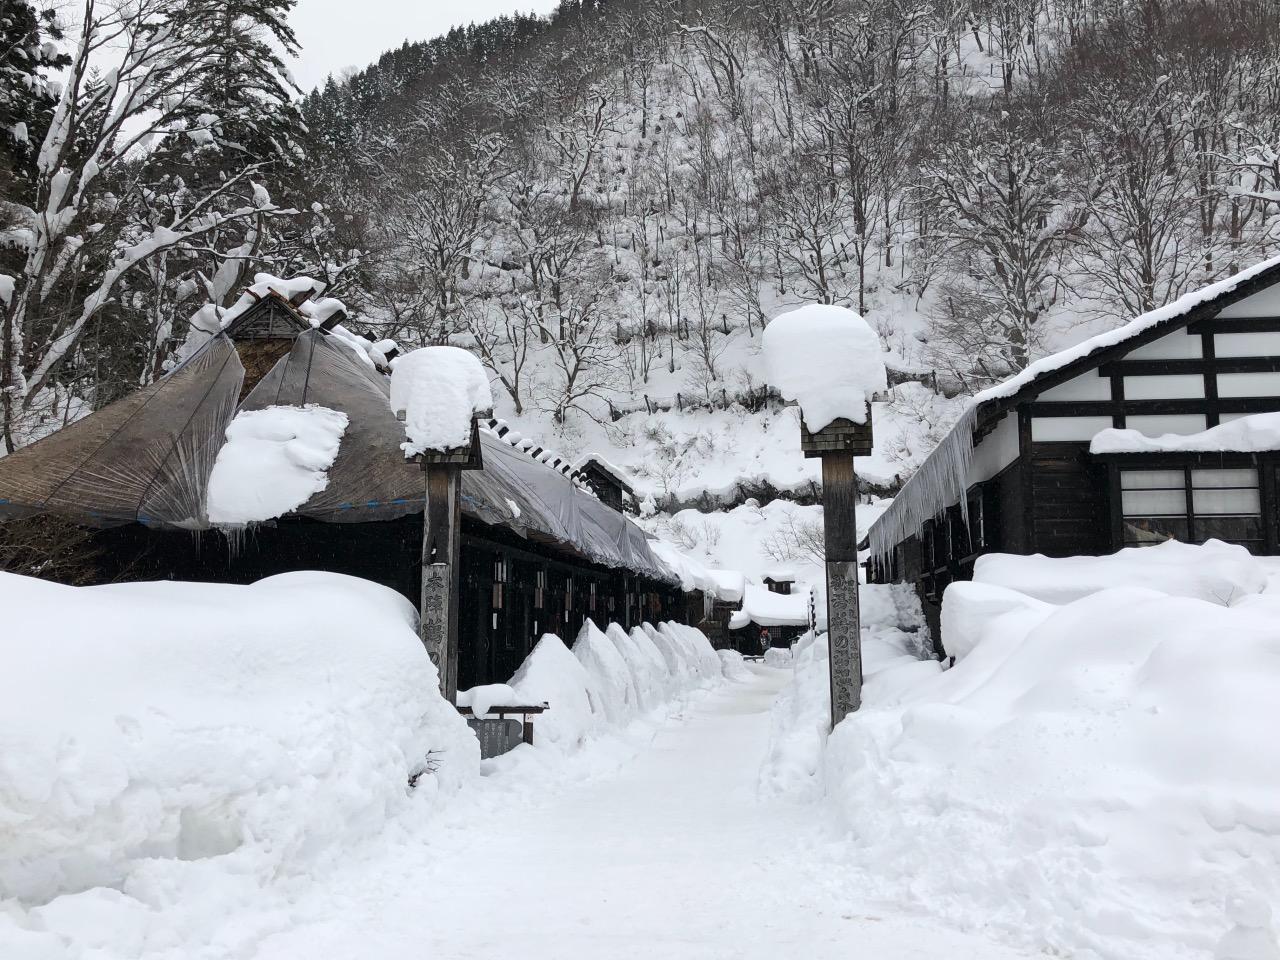 雪景下之秘湯,溫暖又帶點神秘!